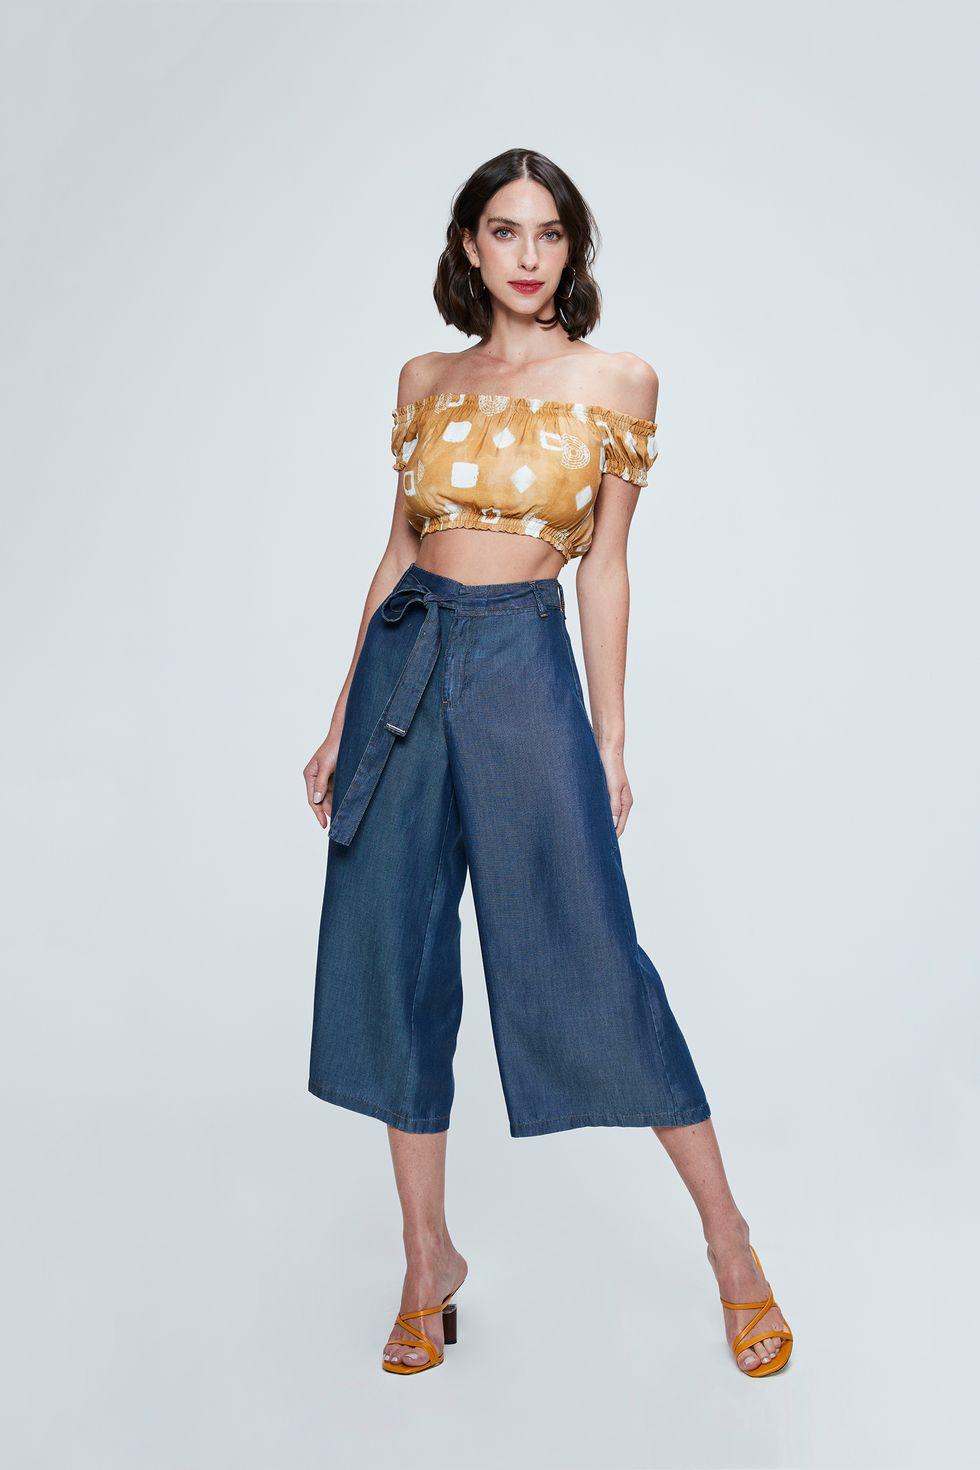 Pantacourt-Jeans-com-Amarracao-Feminina-Frente--